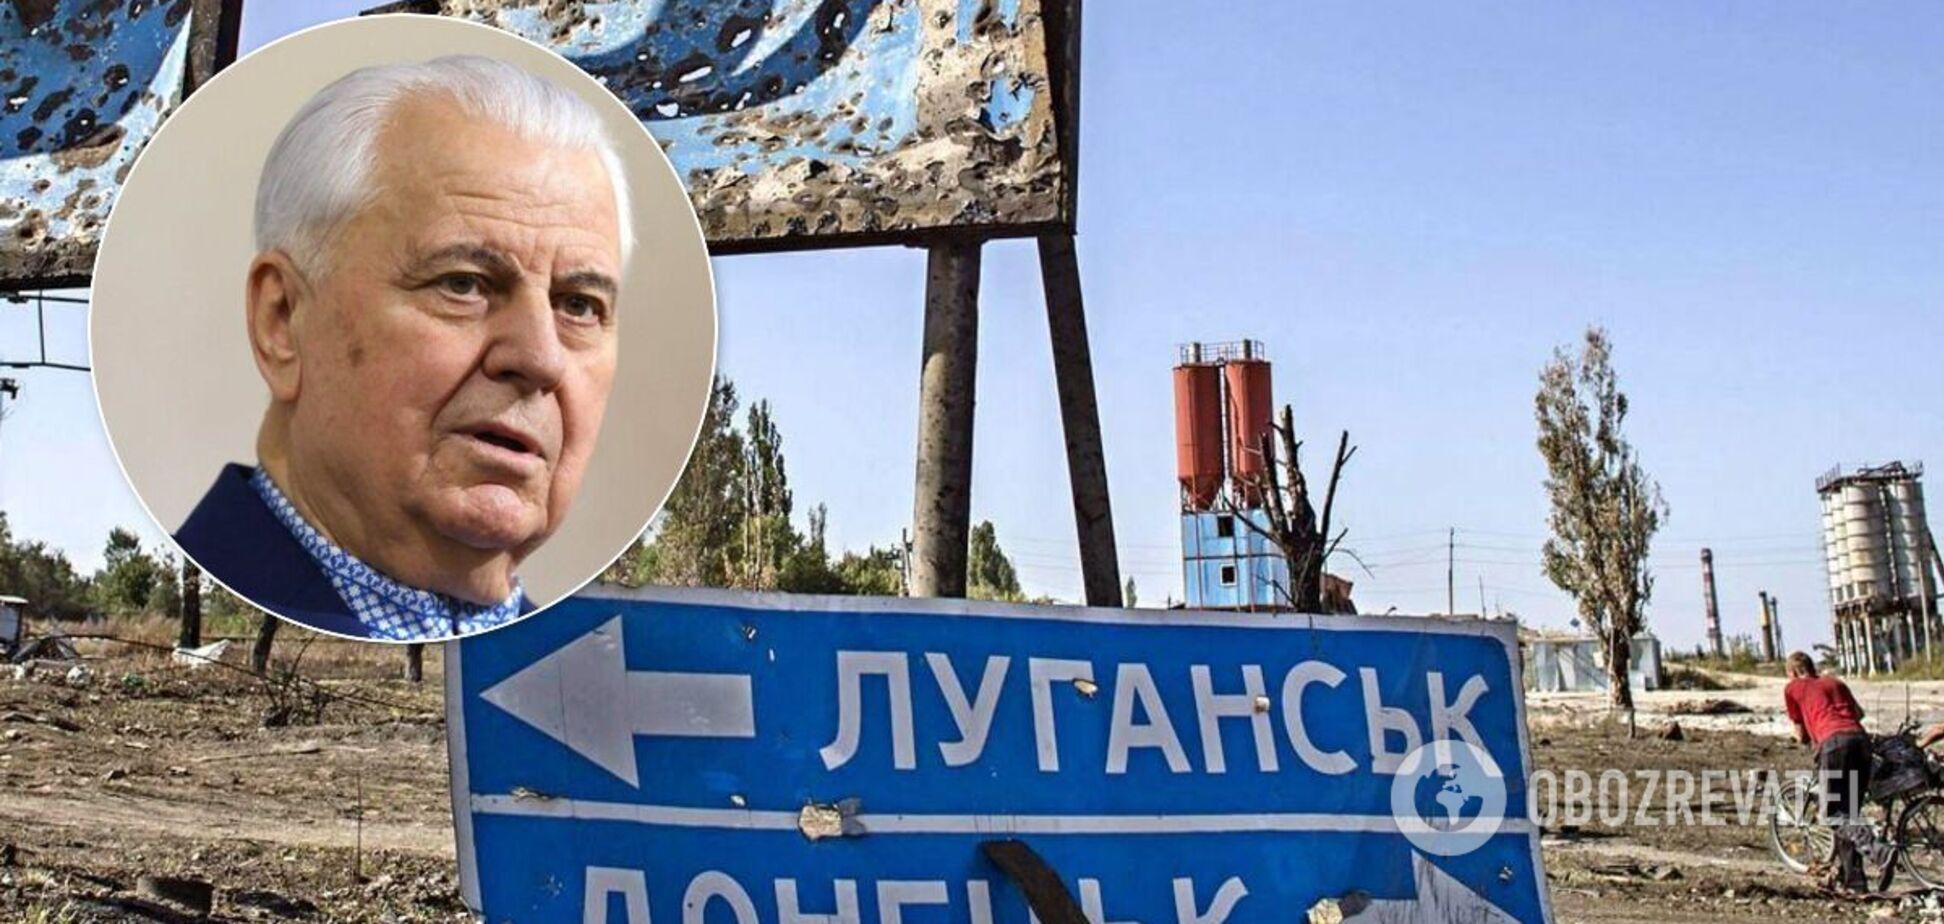 Рахманин пояснил, что стоит за планом Кравчука по Донбассу: есть три варианта